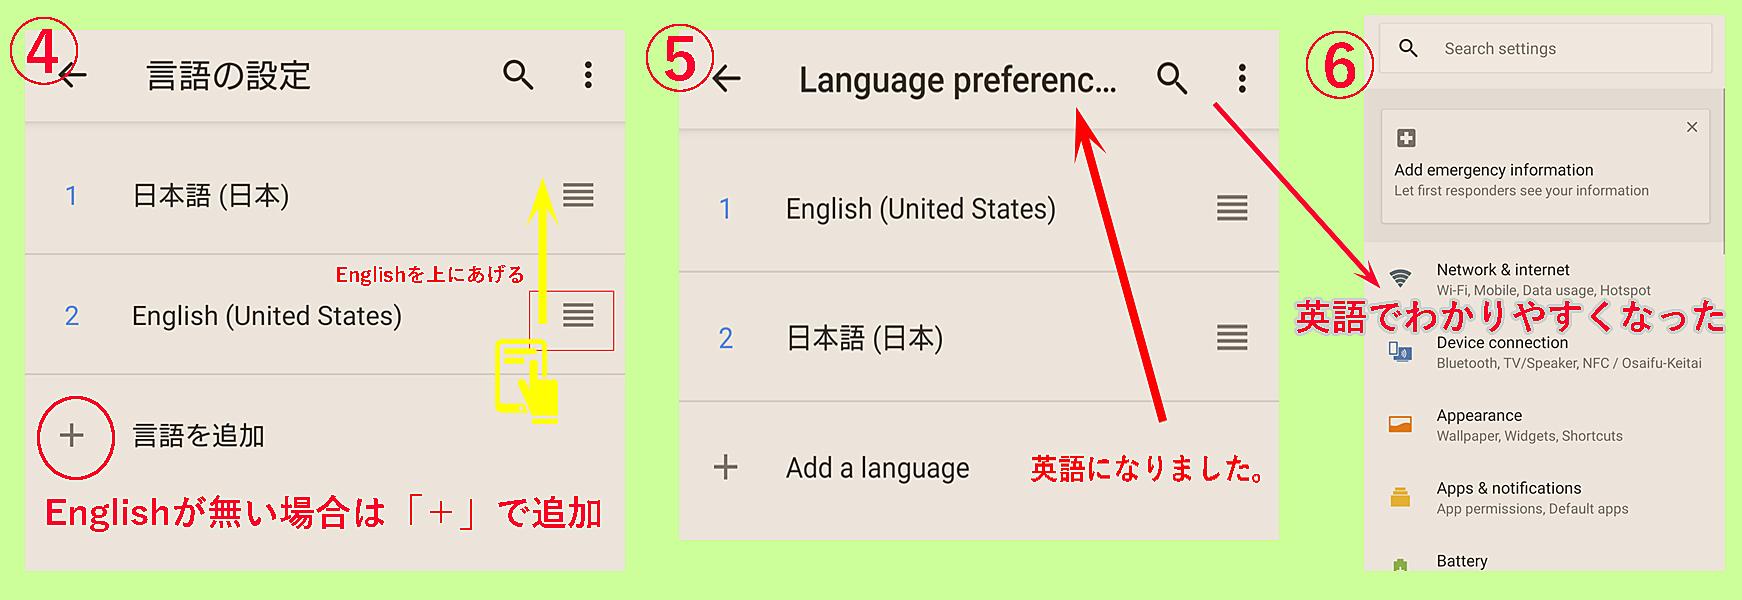 日本語~英語の表記へ (1-2図) 参考:のXperia XZ Premiumより